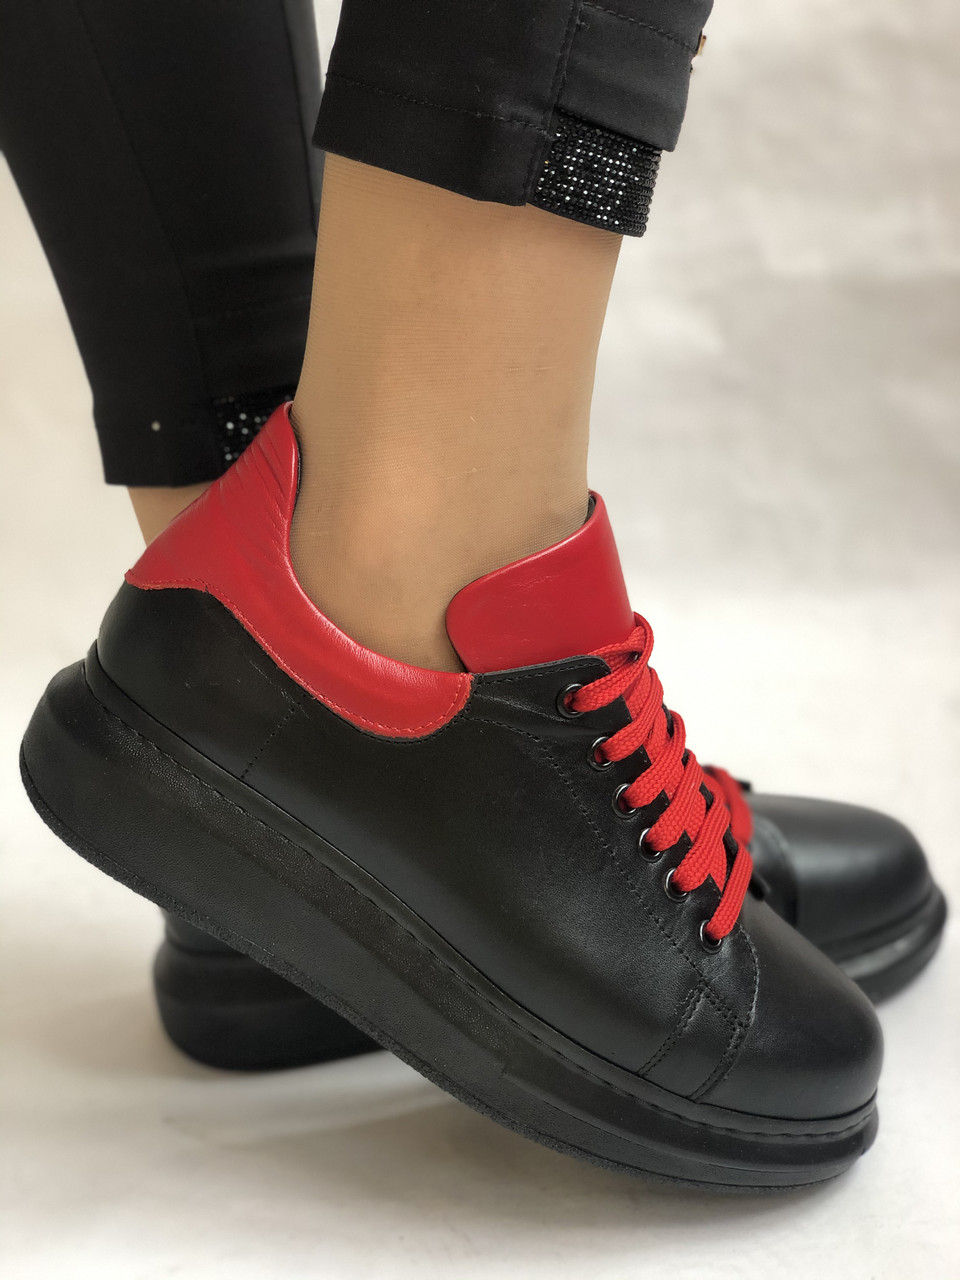 Хит! Женские кроссовки высокого качества.Турция.Evromoda.Натурольная кожа.Р. 37. Vellena